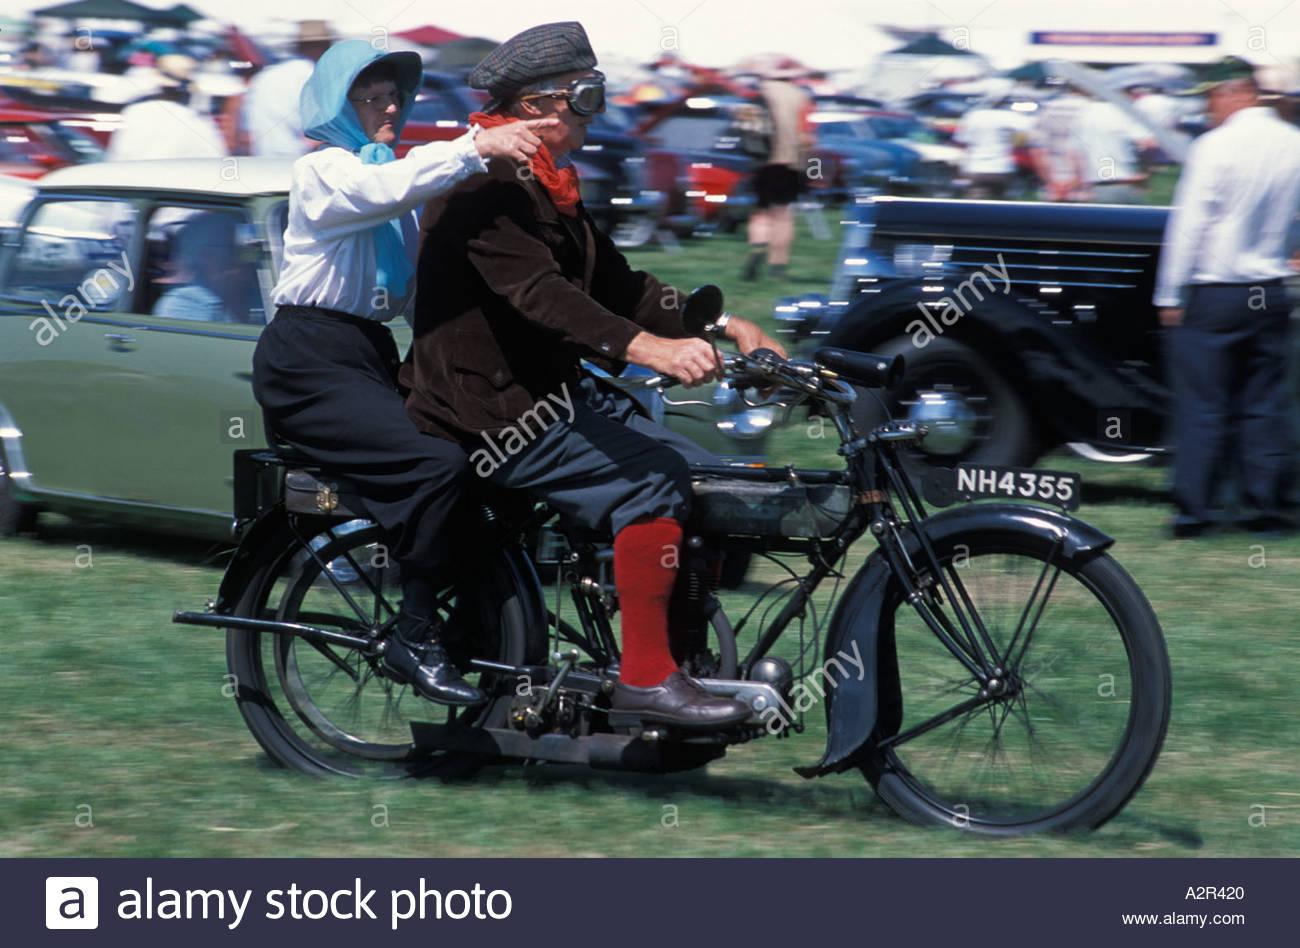 Pareja en una motocicleta vintage en el Gloucester, Reino Unido Feria de vapor Imagen De Stock